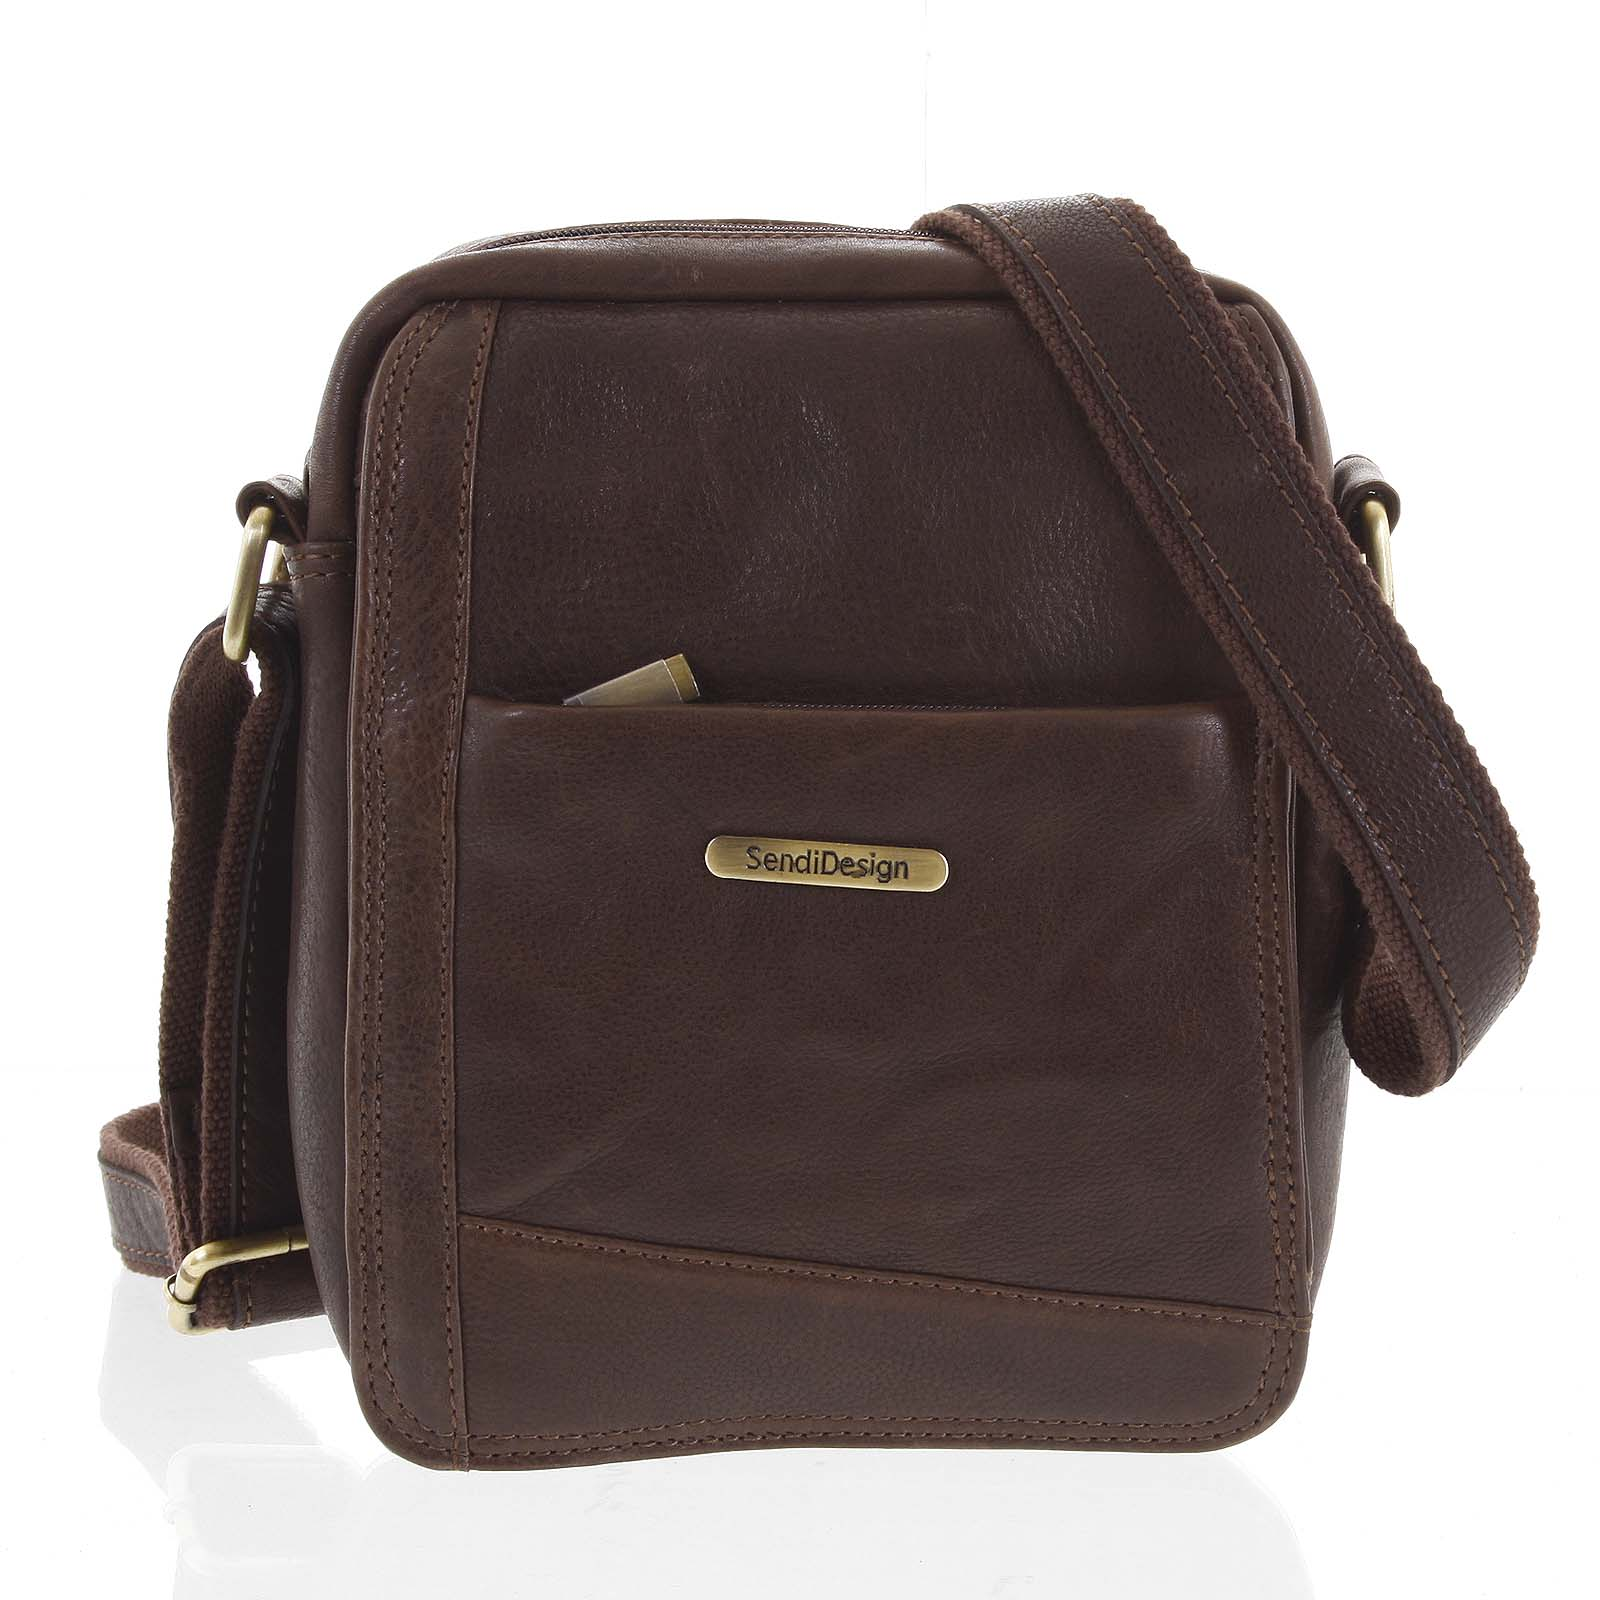 Pánska kožená taška na doklady hnedá - SendiDesign Eser hnedá